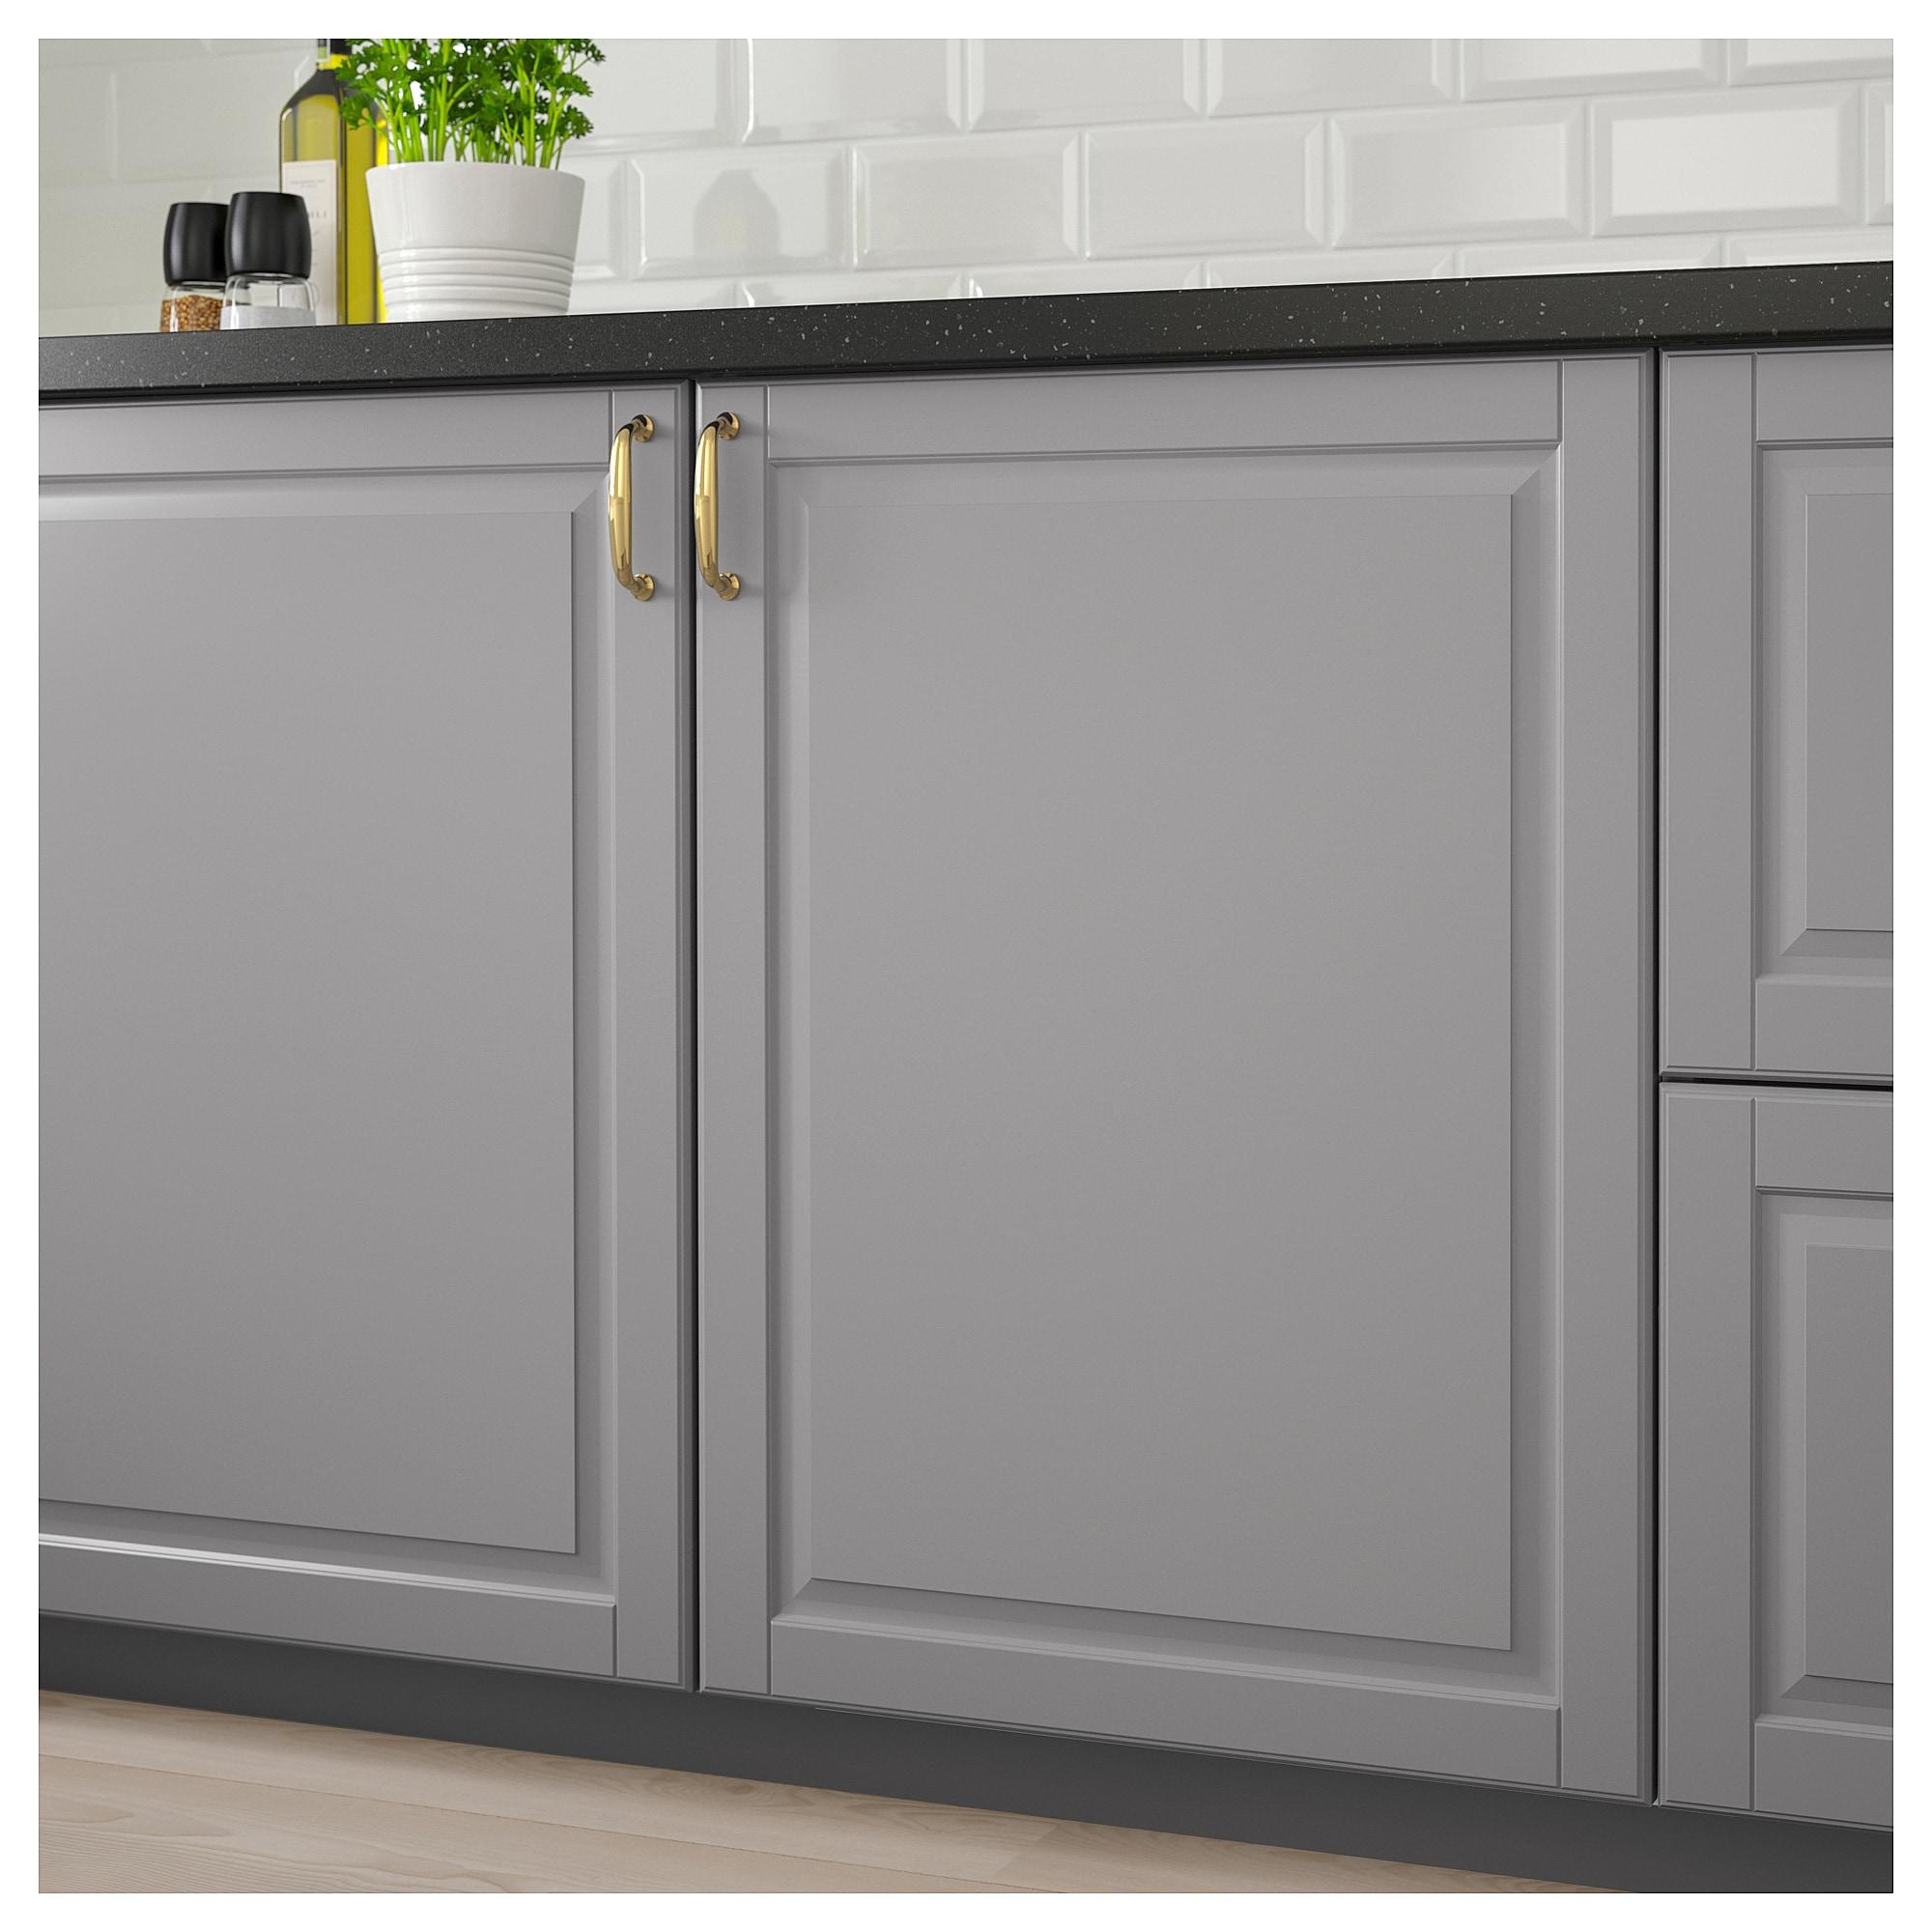 удобные дверцы для кухонной мебели